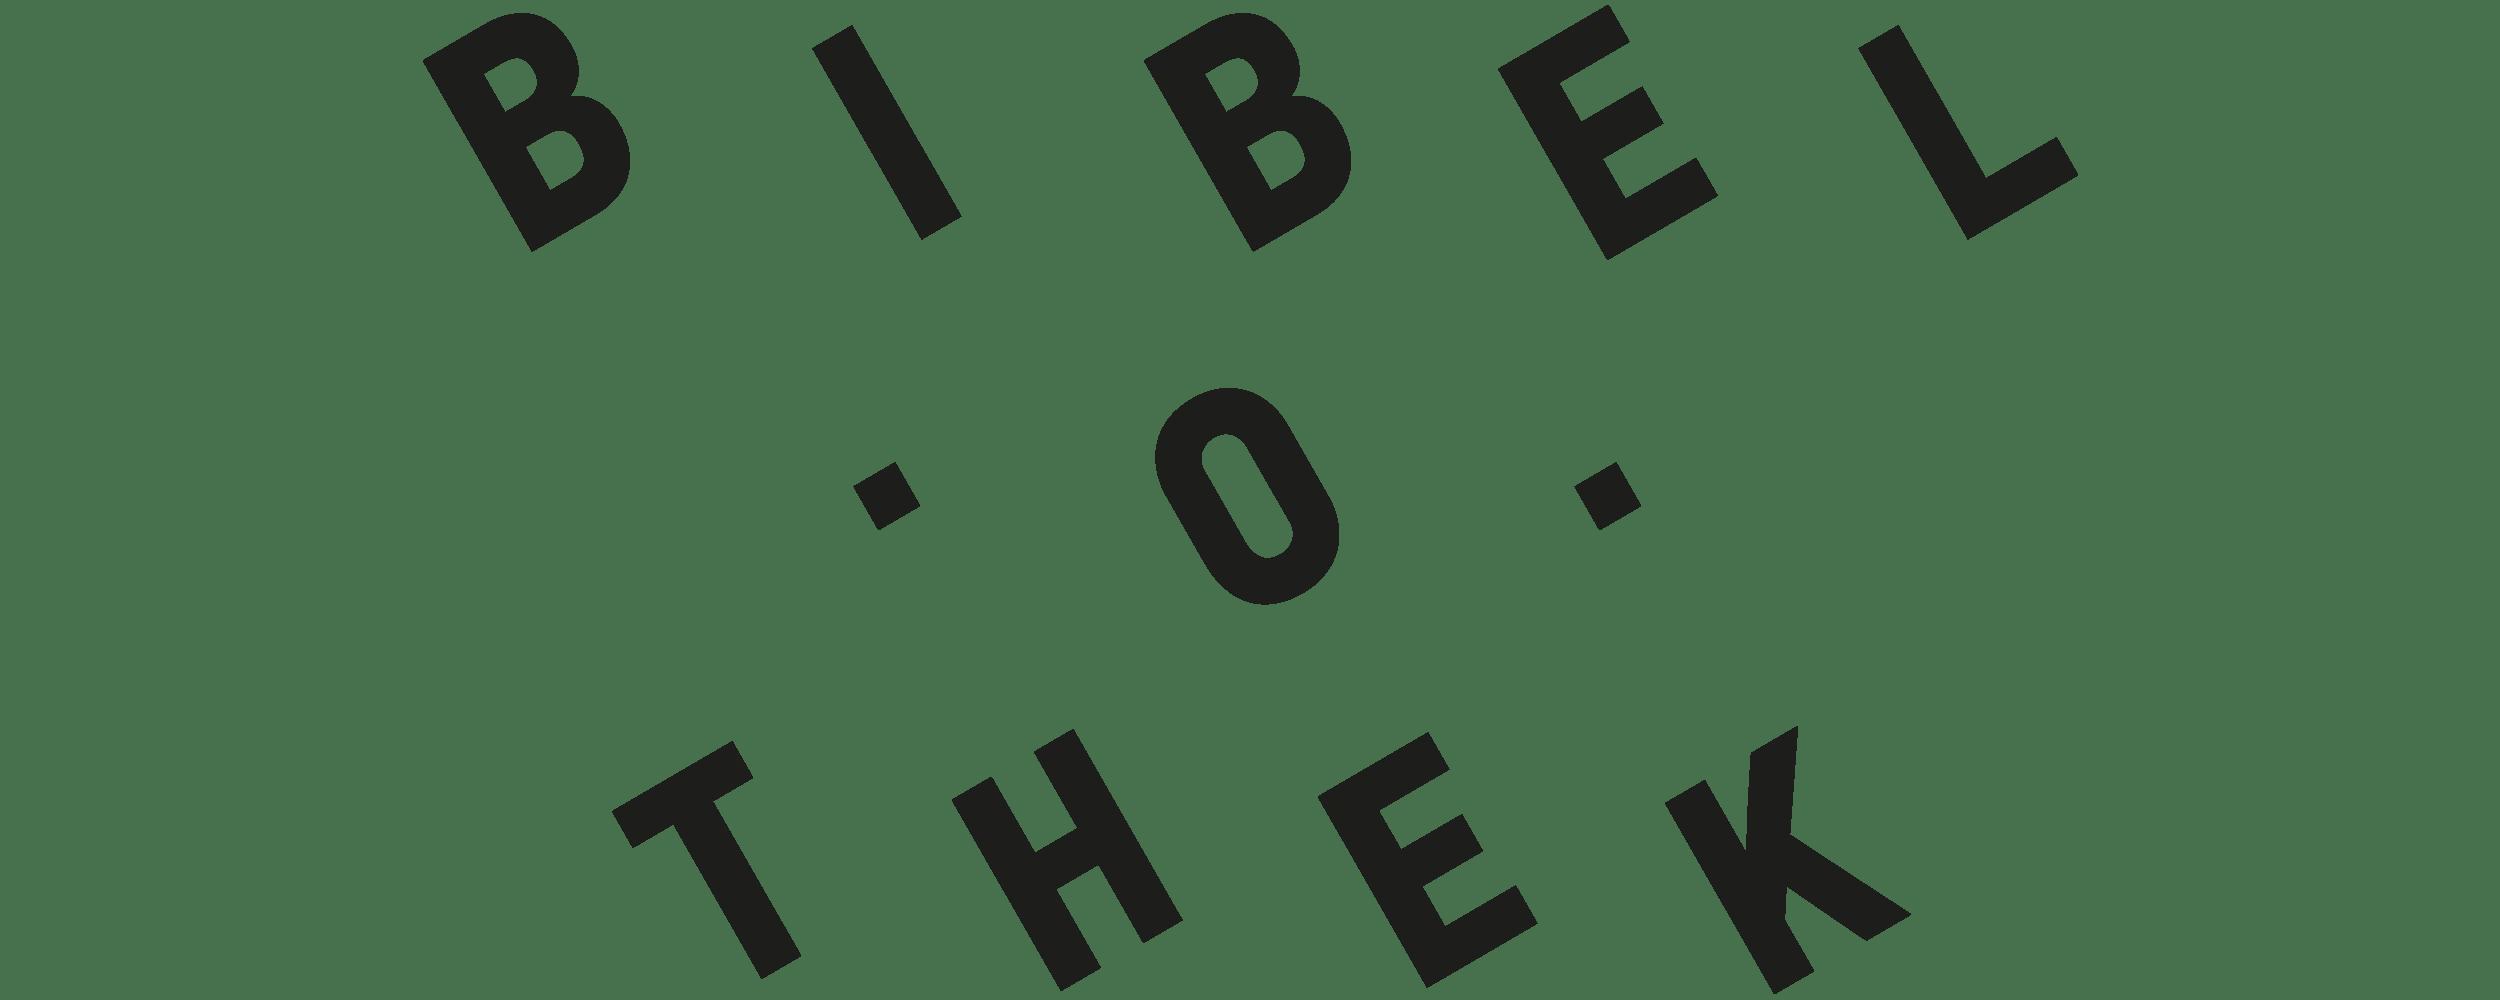 GODNEWS: Bibel-o-thek Titel